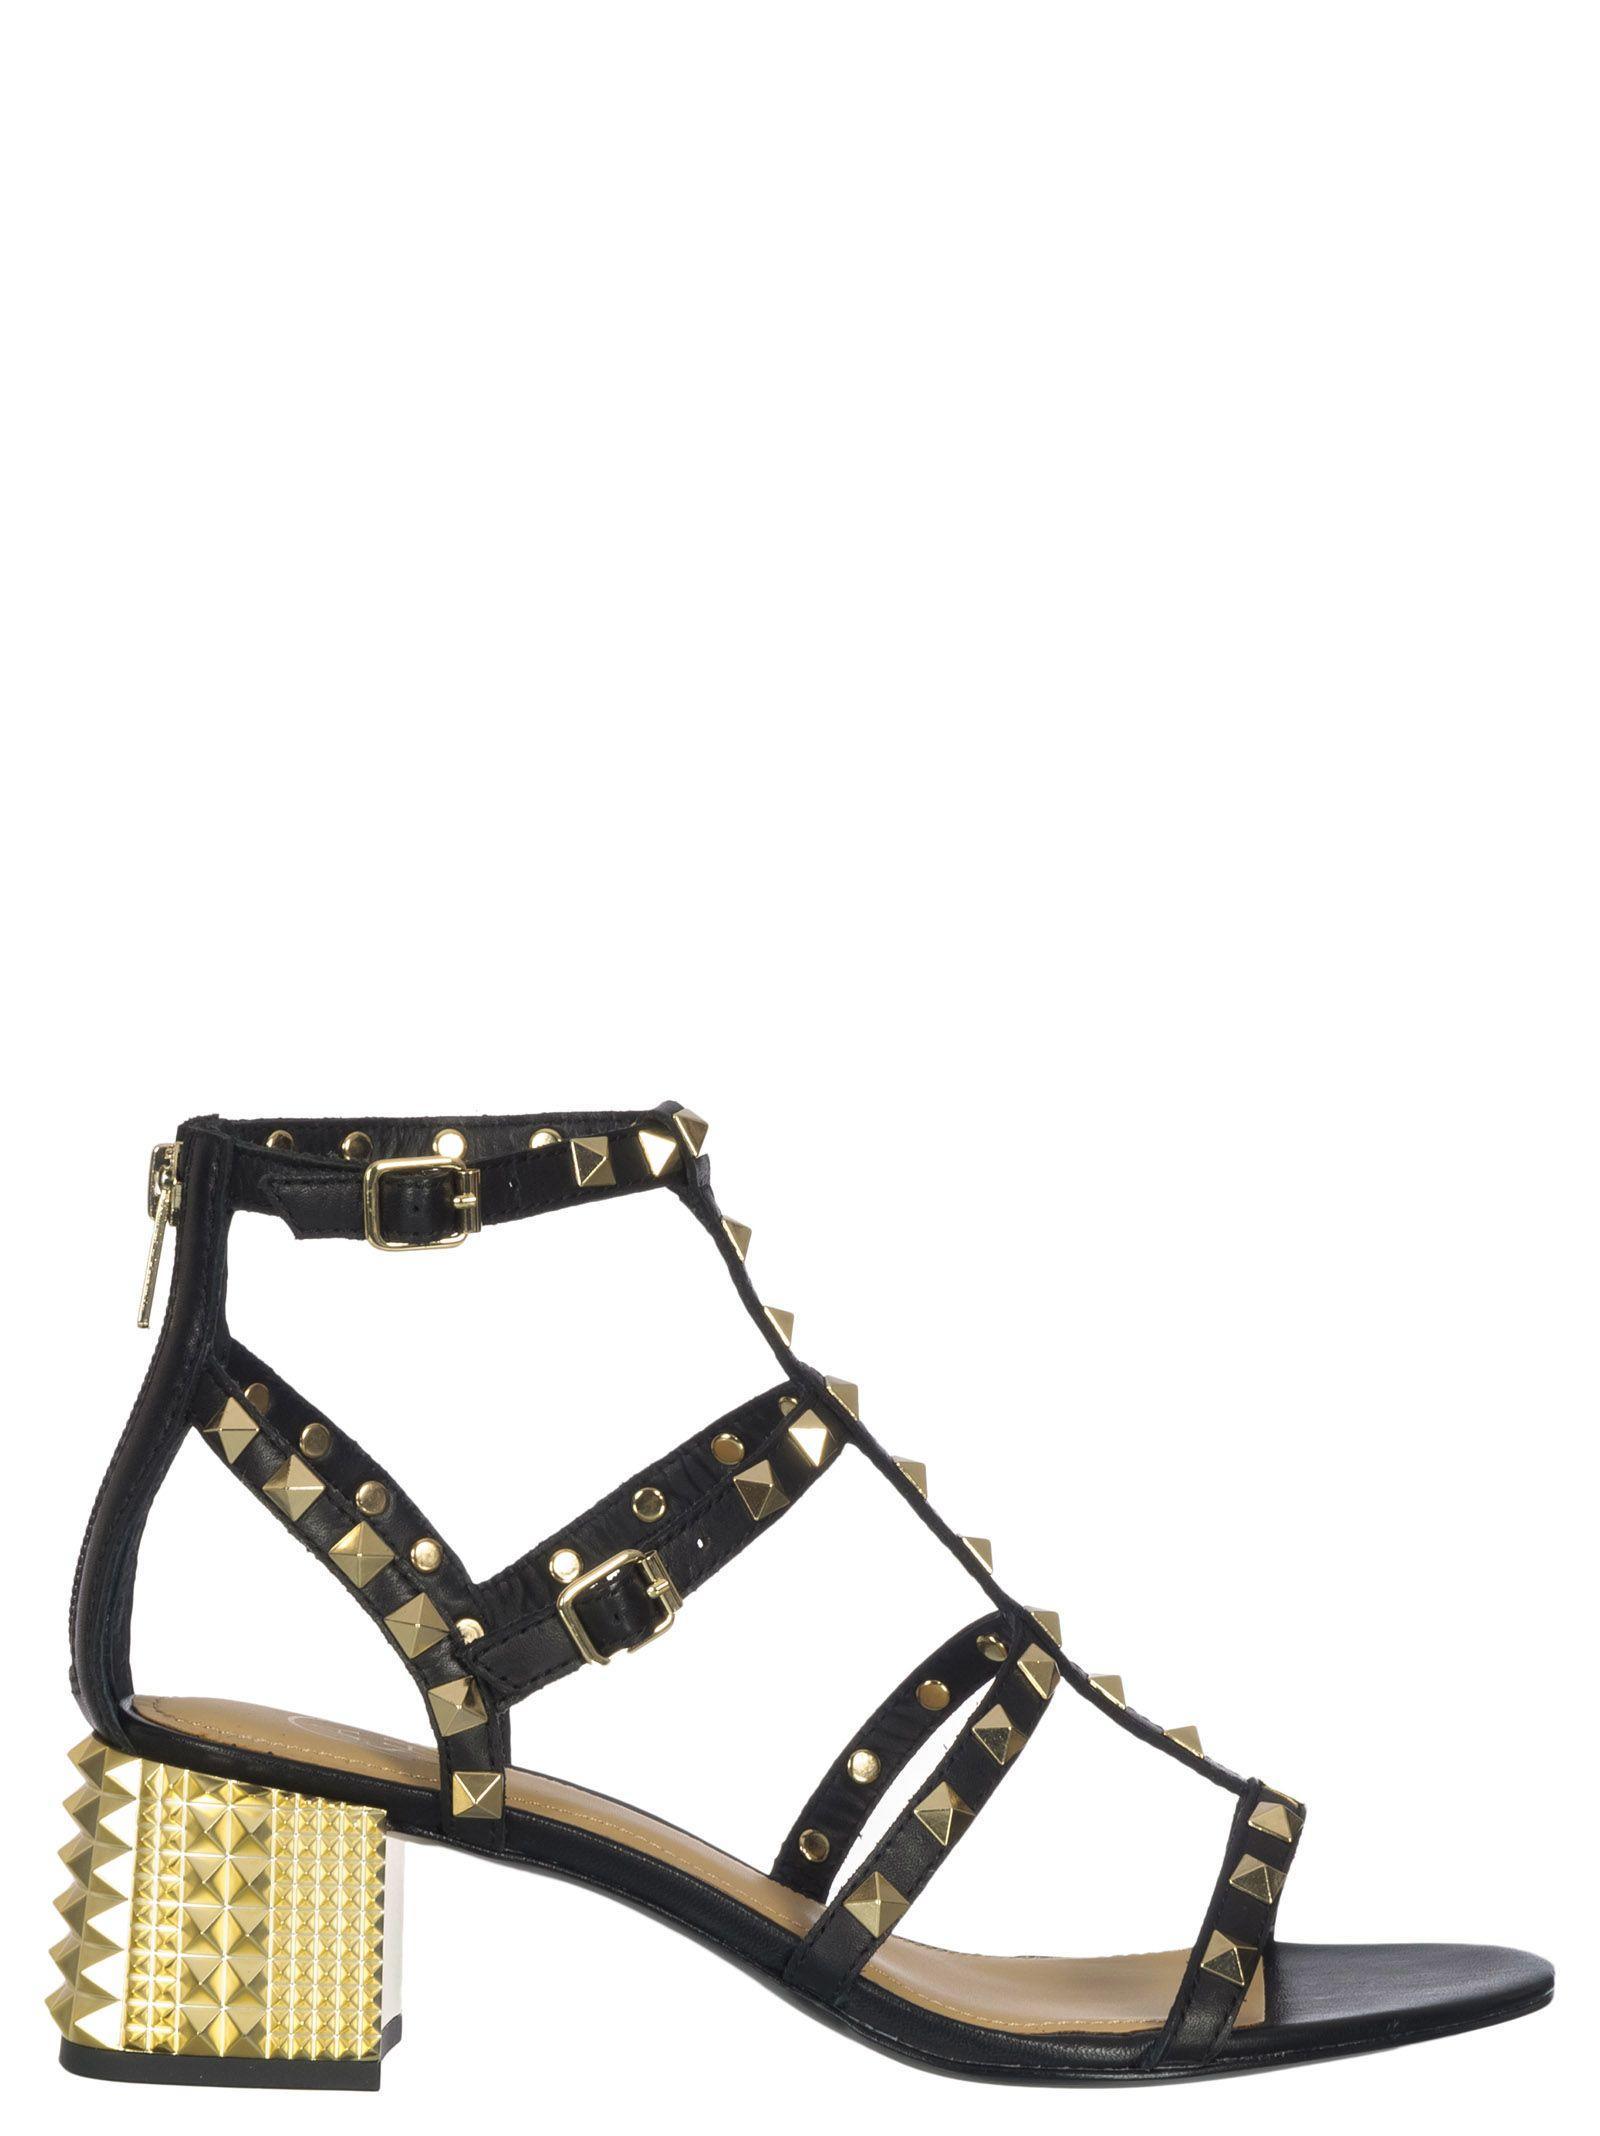 f7c8d30608e4 Ash Rolls Sandals In Black